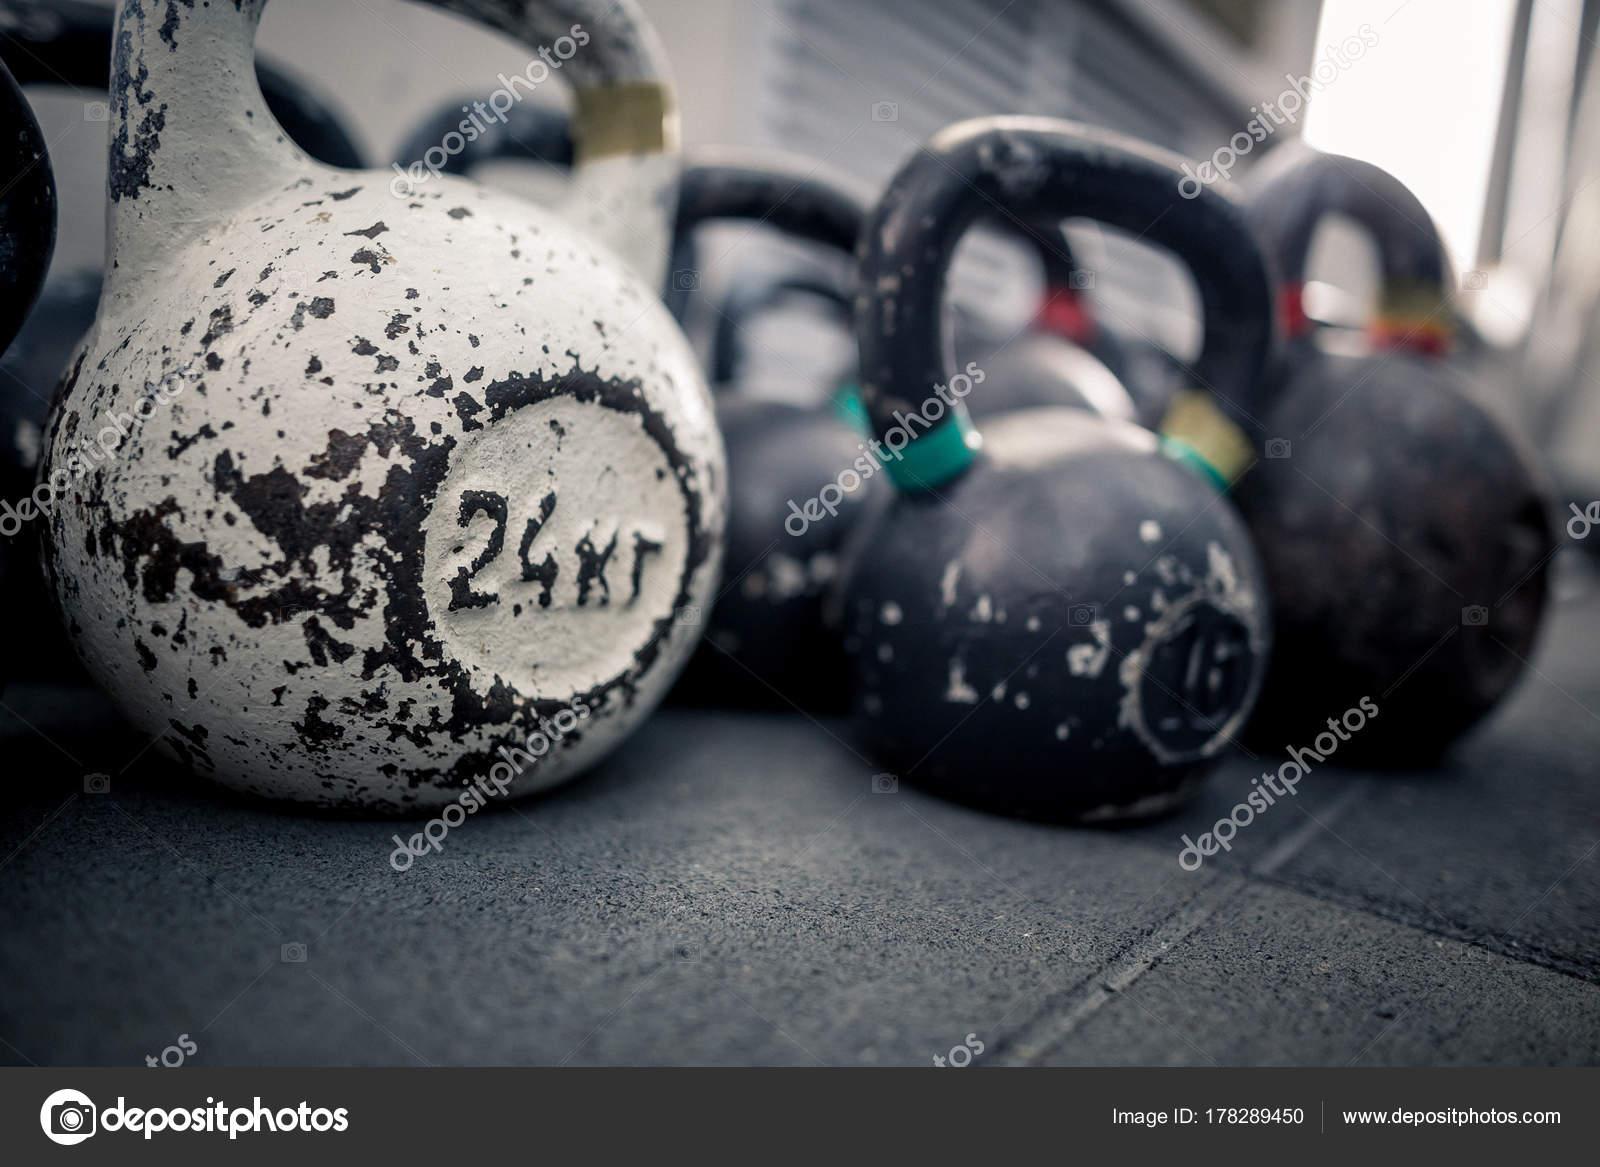 Sportgerate Im Fitnessraum Kettlebell Auf Boden Hintergrund